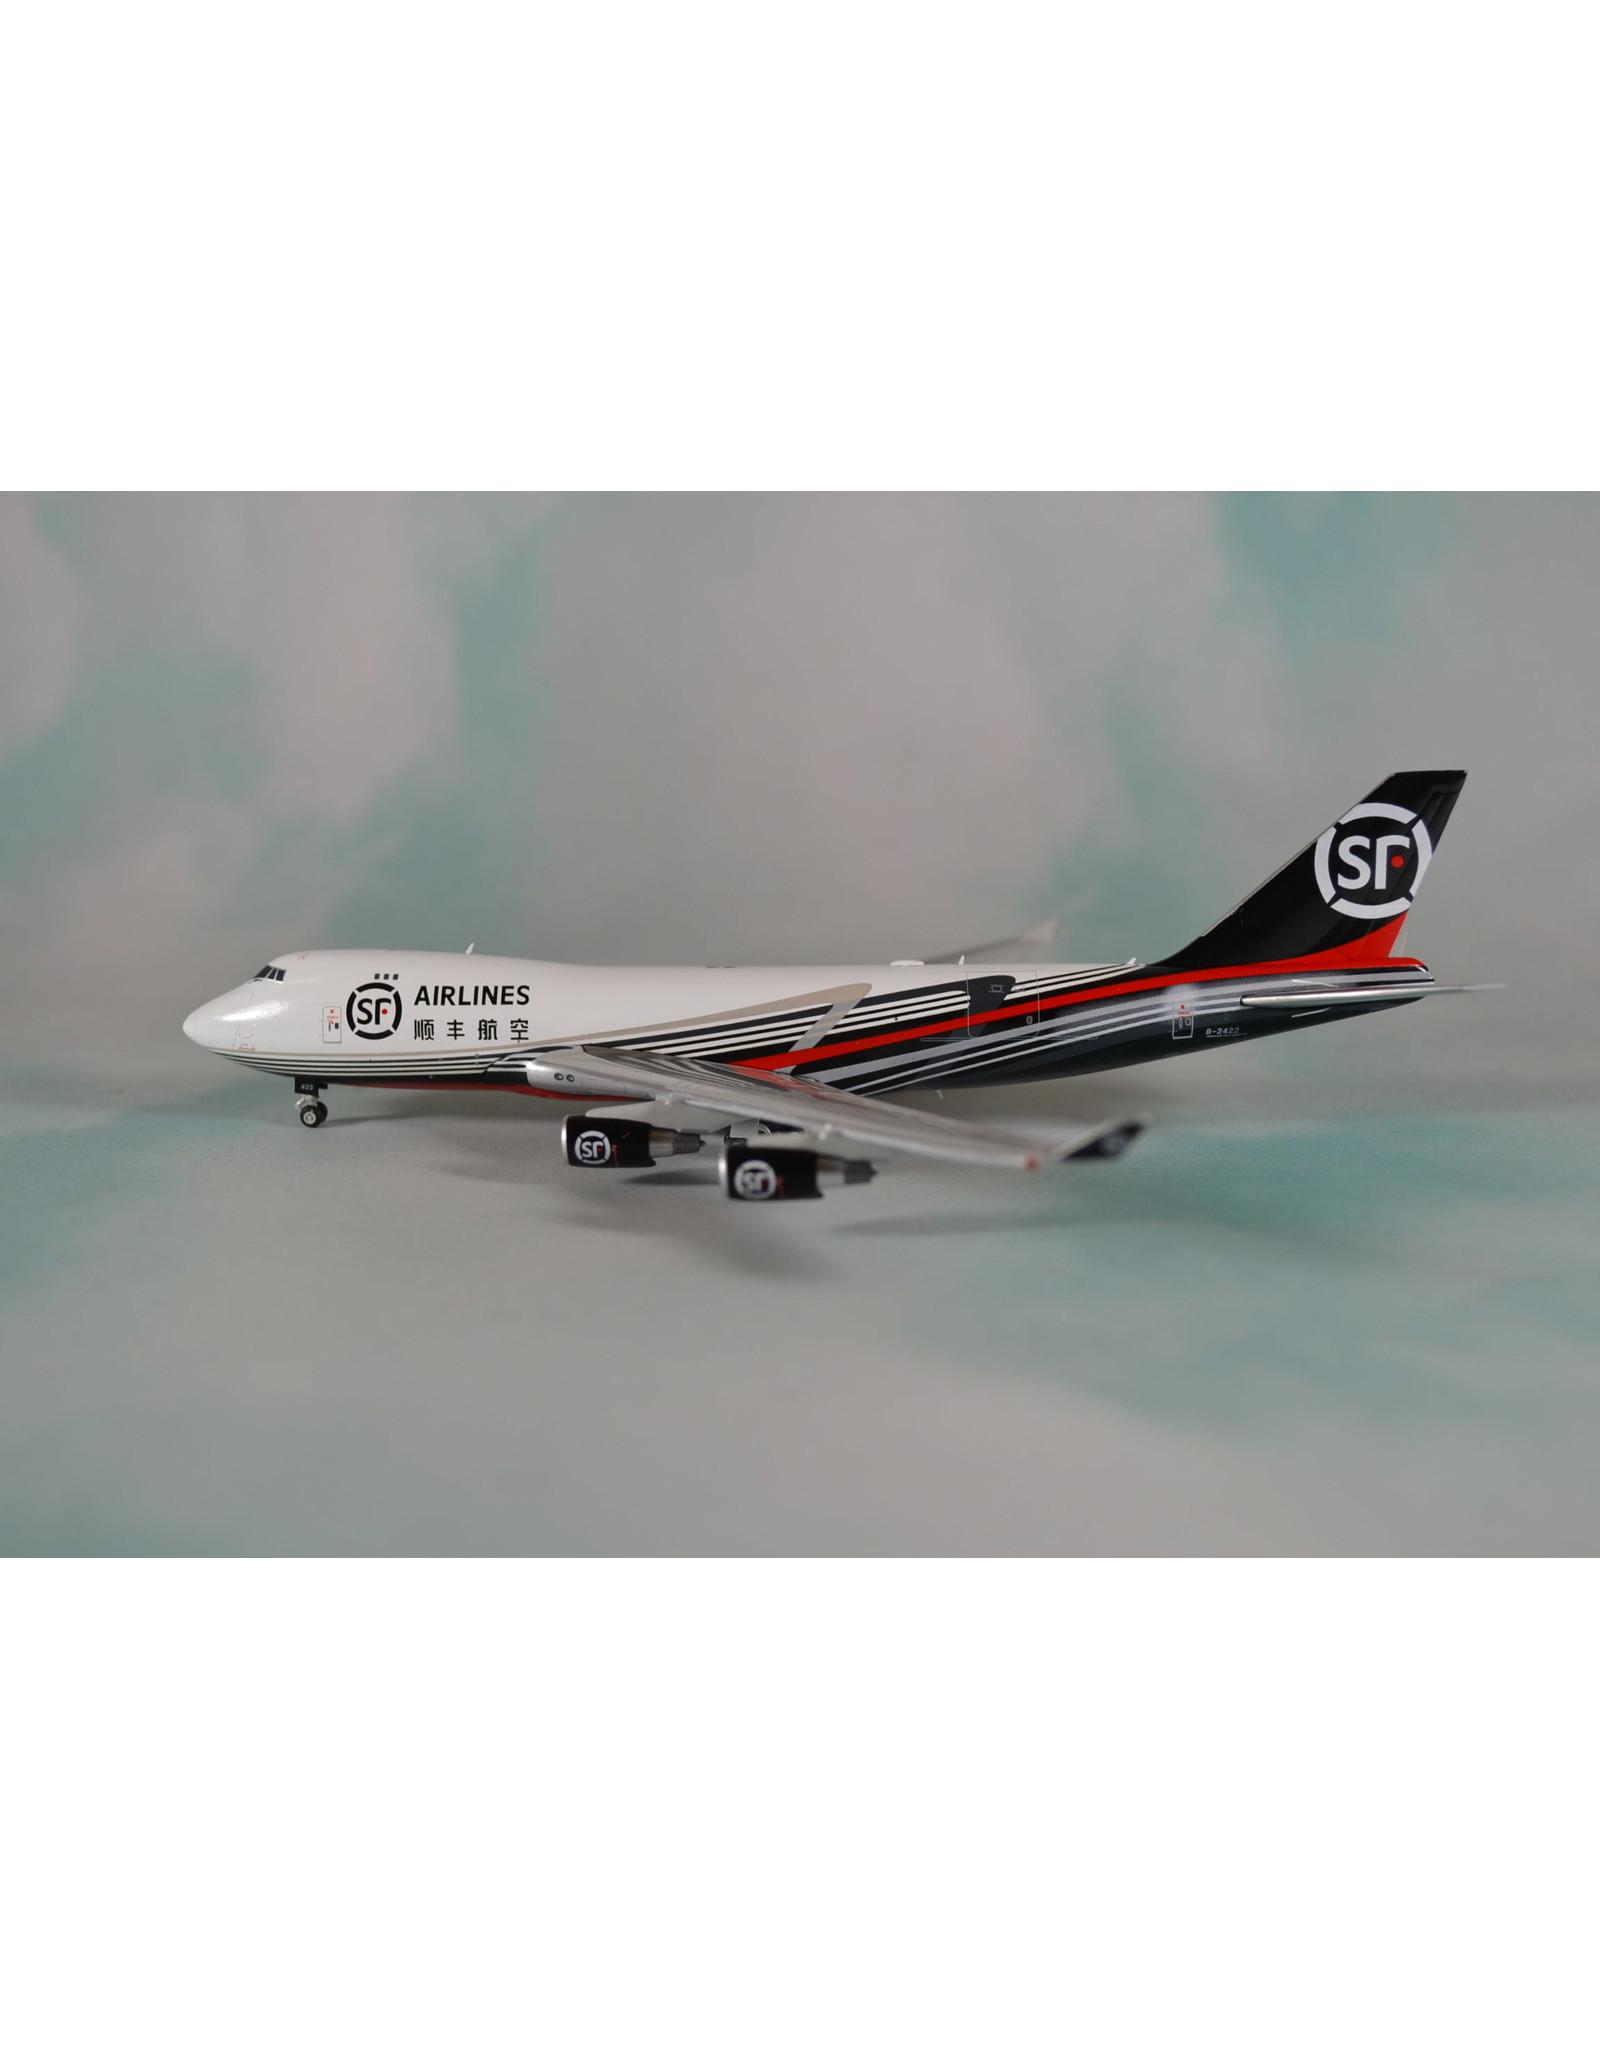 JC Wings JC4 SF Air 747-400ERF B-2422